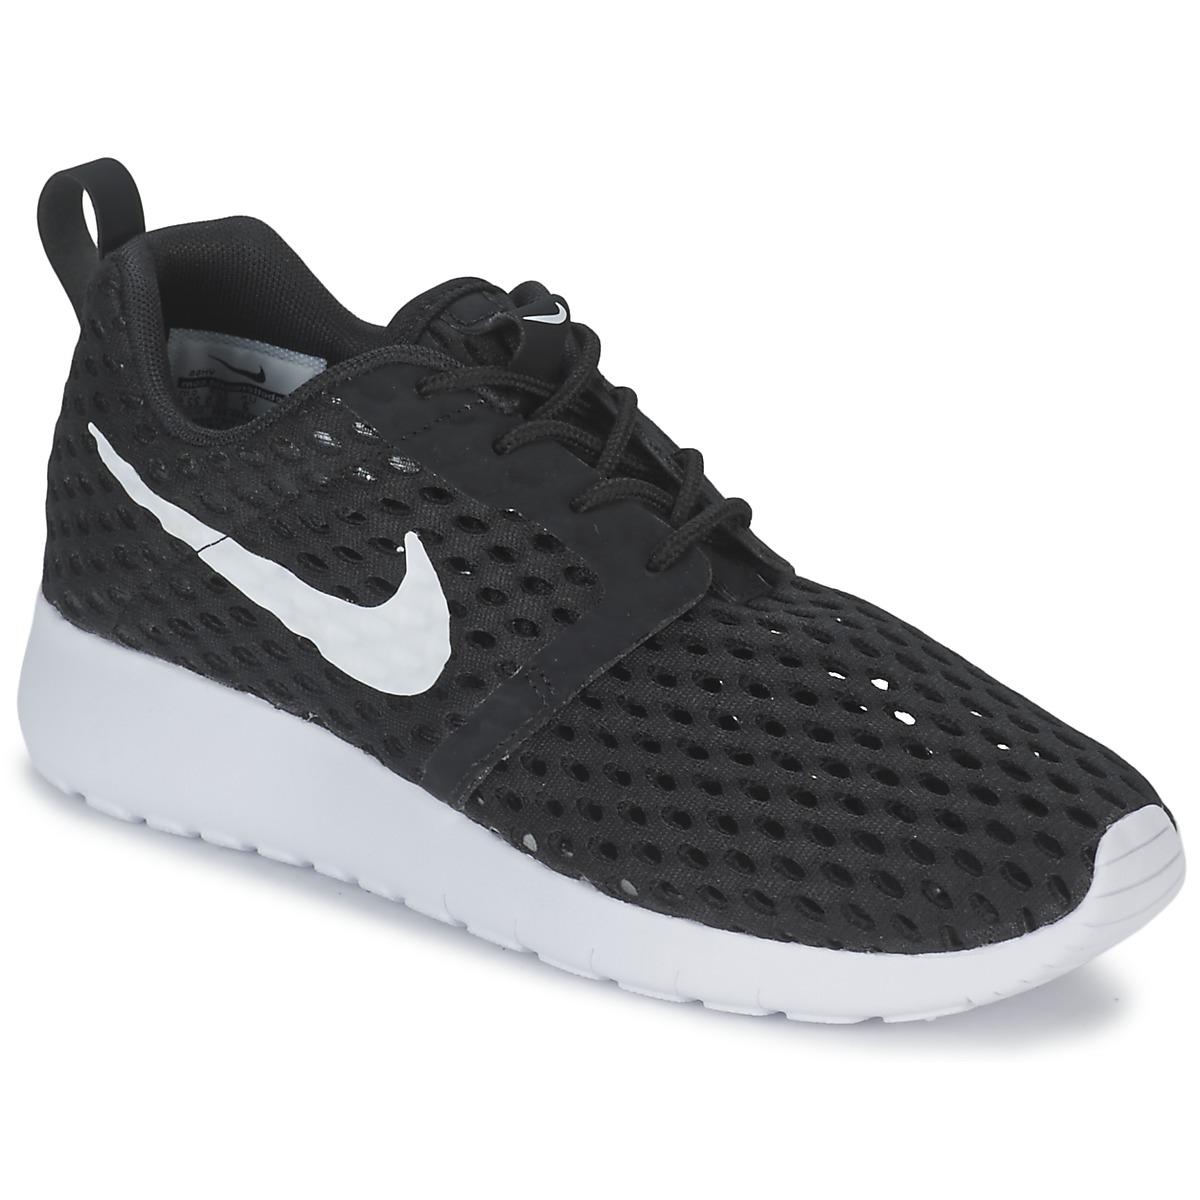 Nike ROSHE ONE FLIGHT WEIGHT BREATHE JUNIOR Noir